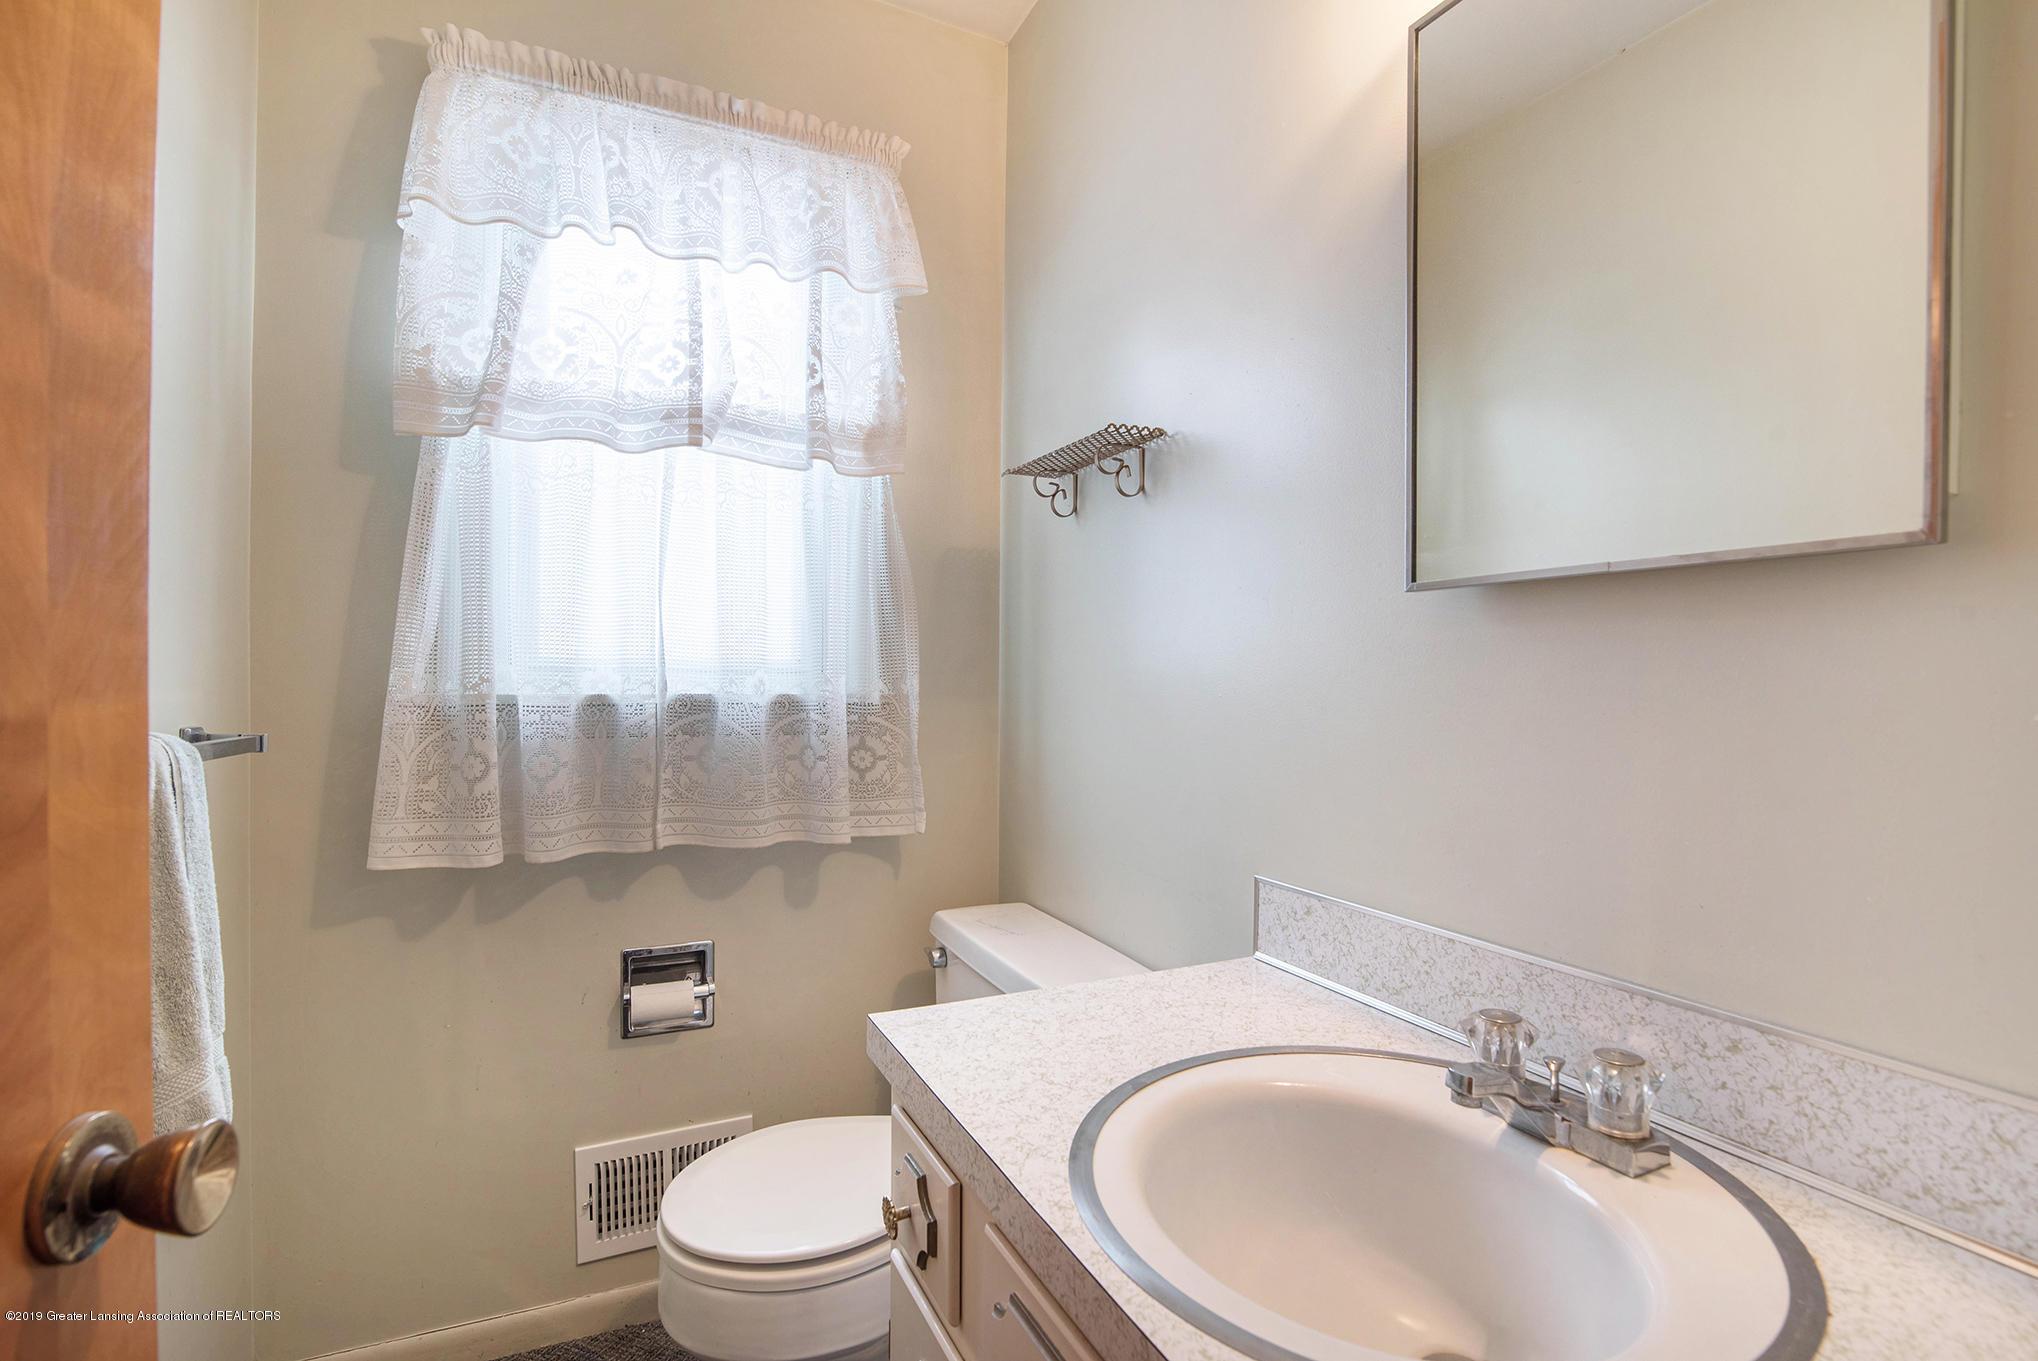 1424 N Homer St - Bathroom 2 - 18